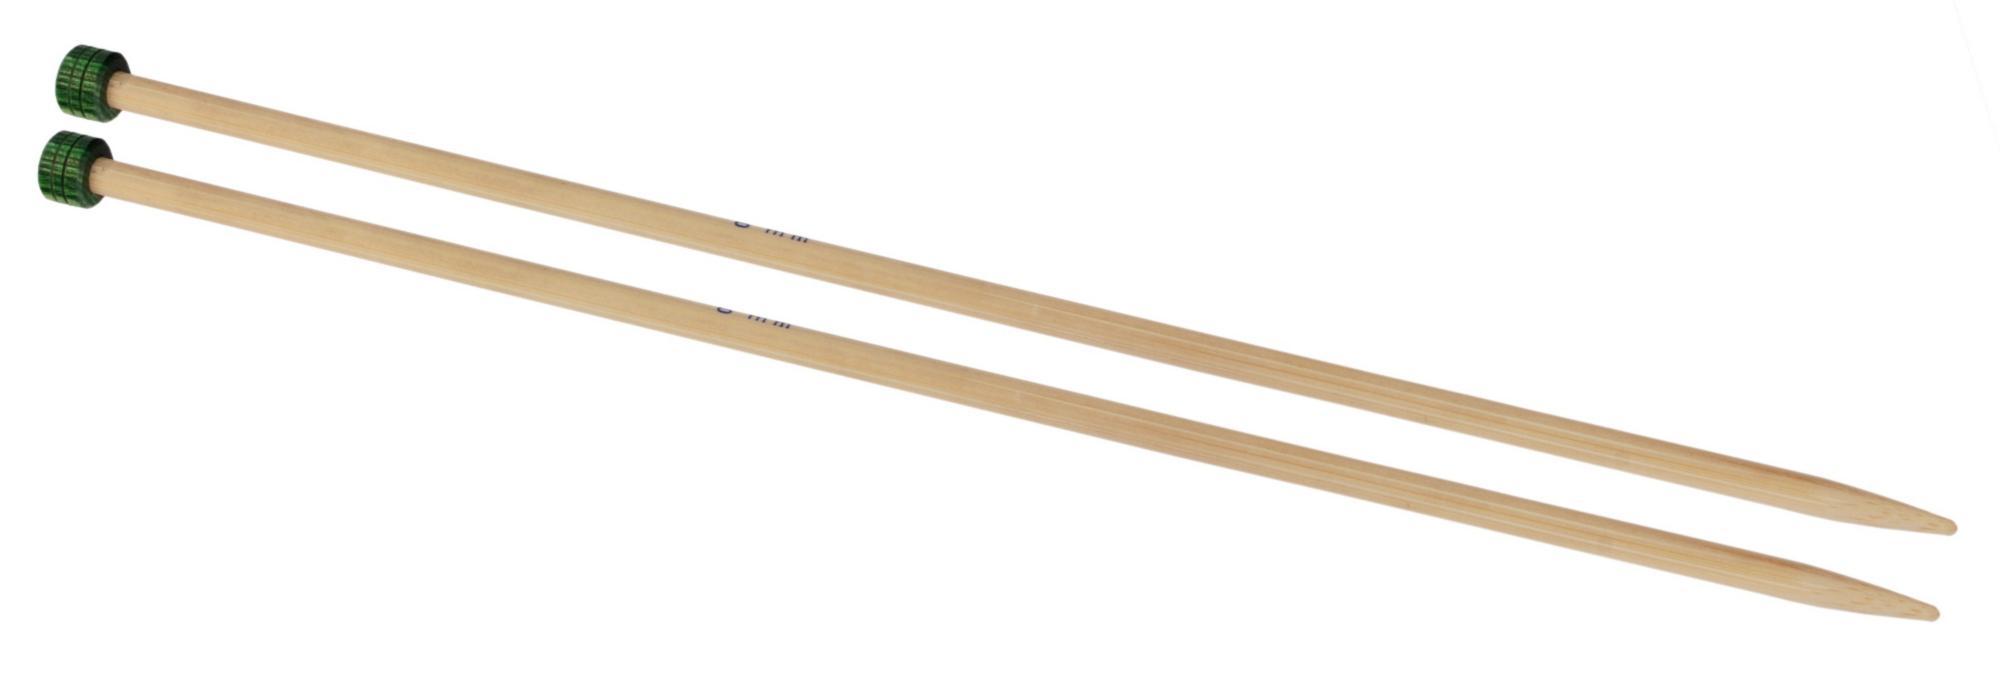 Спицы прямые 25 см Bamboo KnitPro, 22301, 2.00 мм